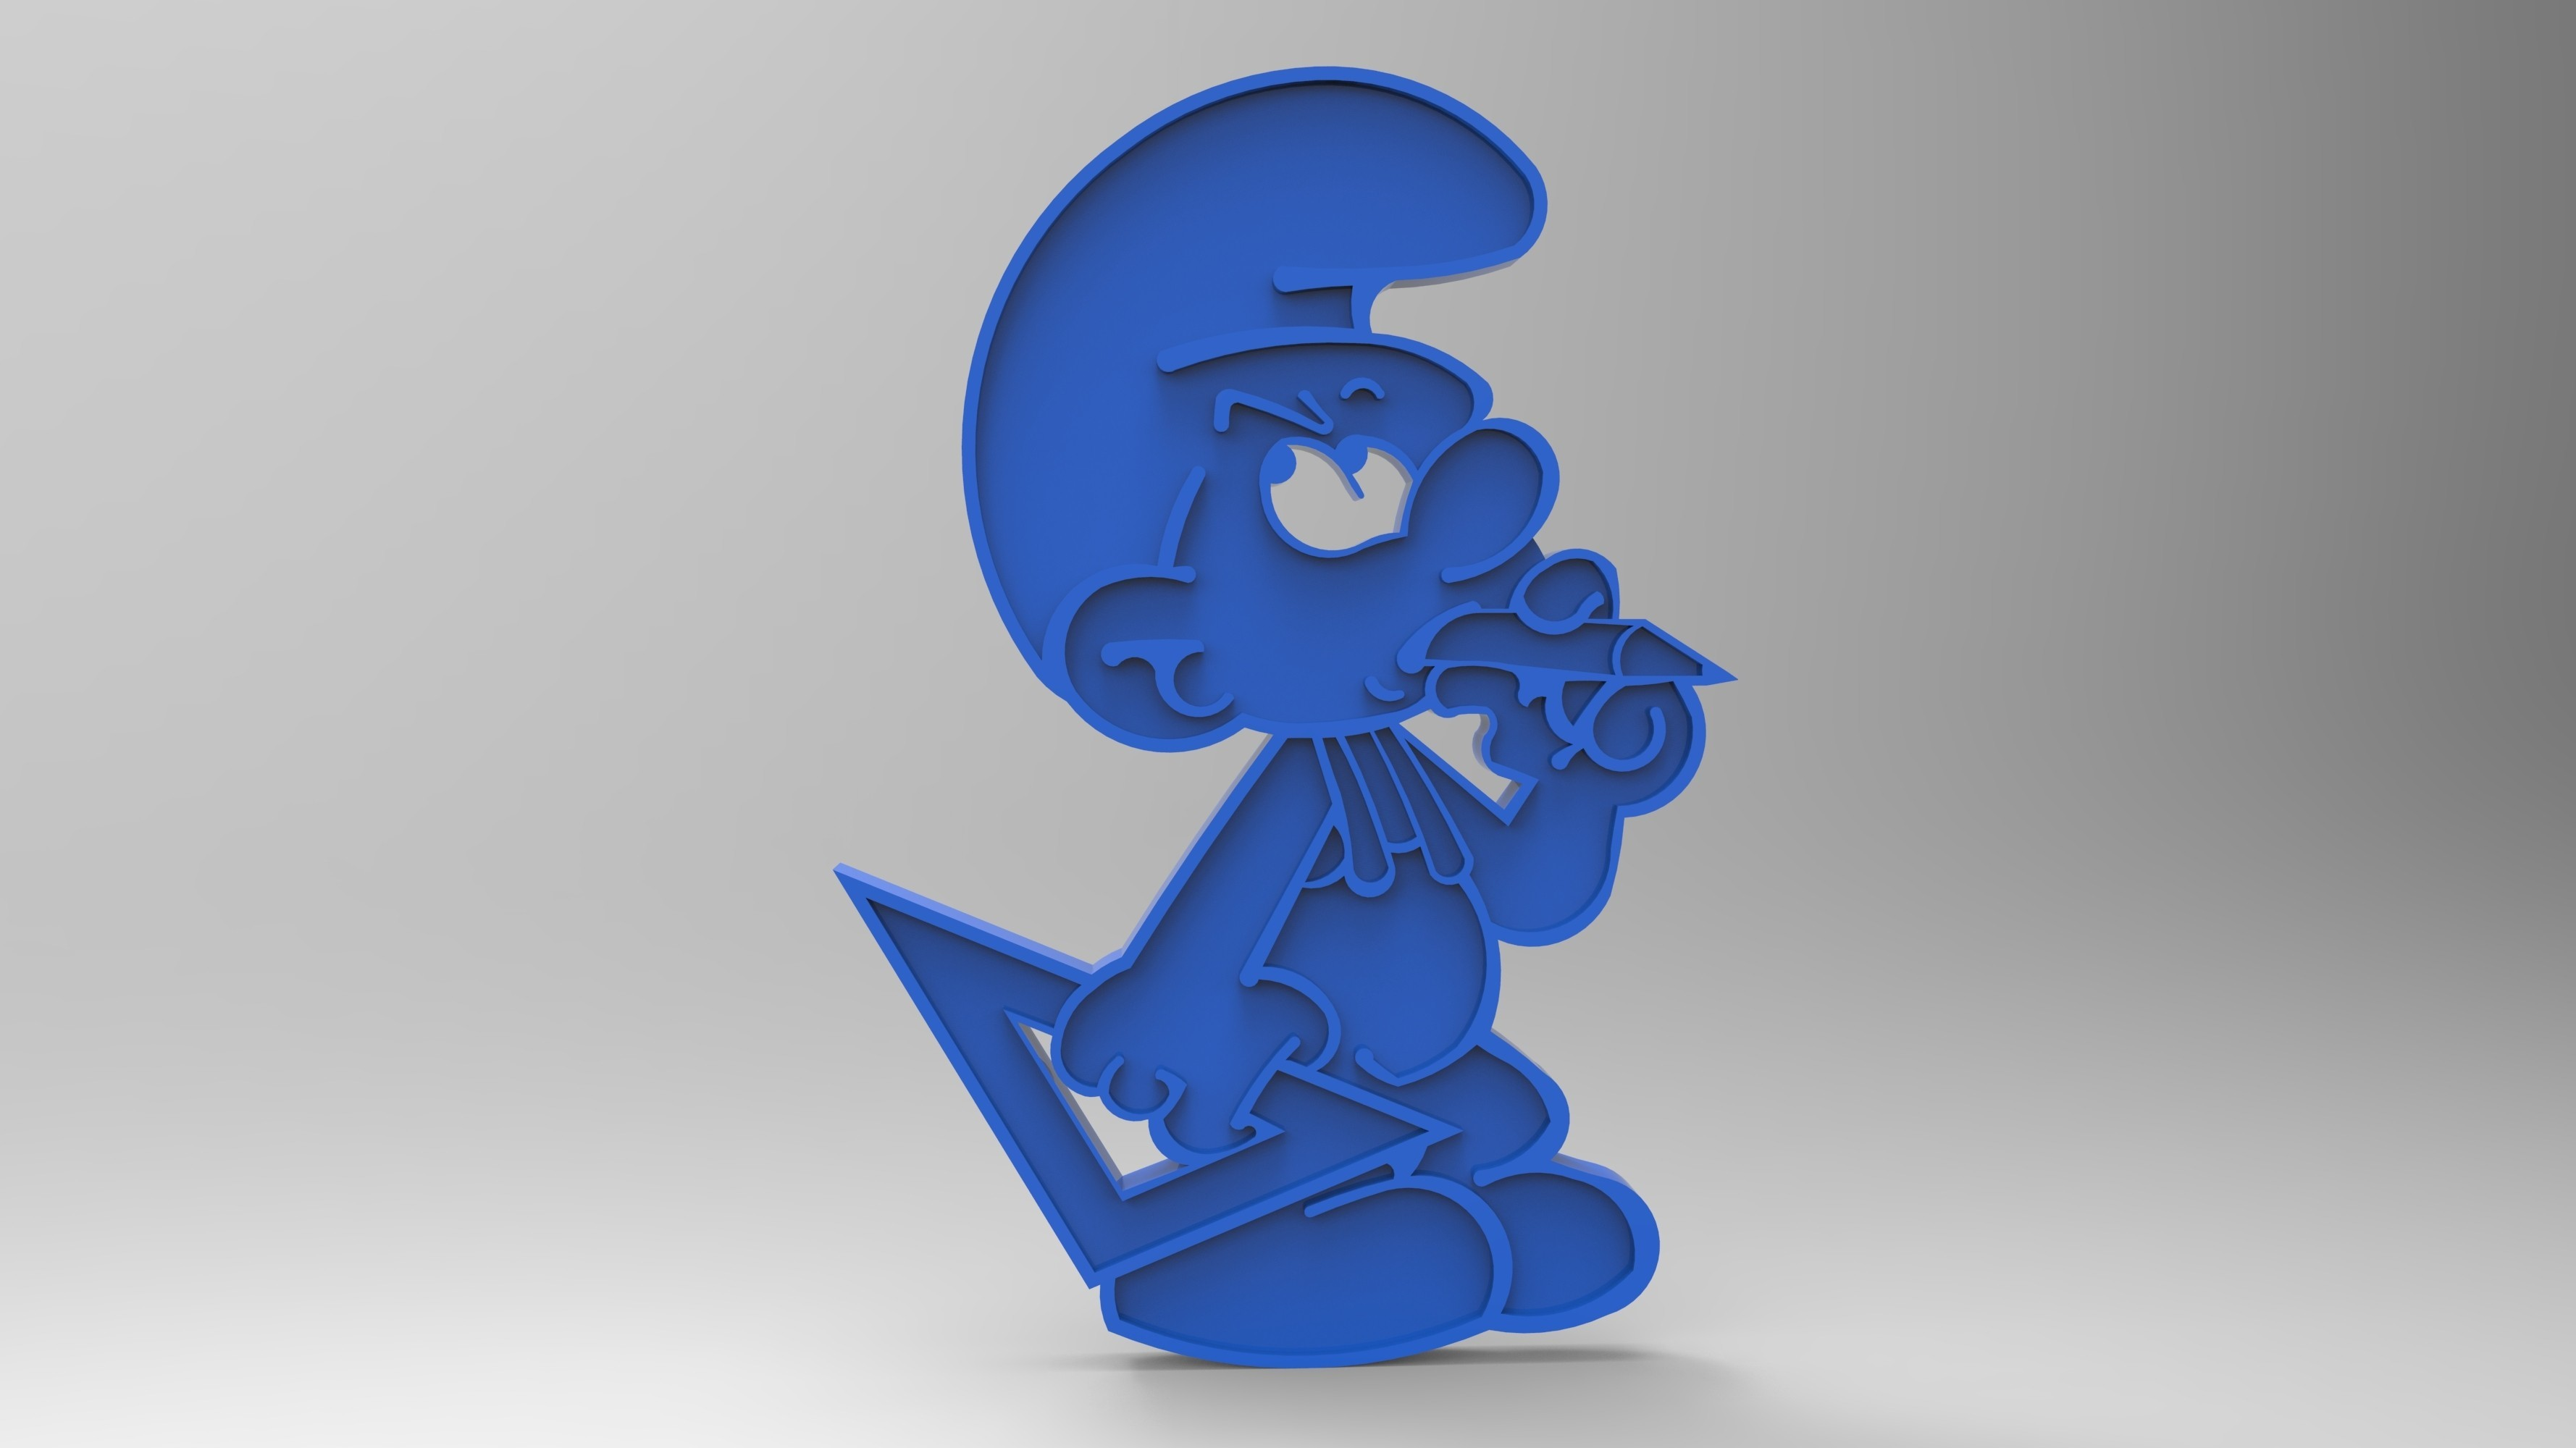 rendu schtroumpfs bricoleur plastique bleu face.jpg Télécharger fichier STL gratuit figurine schtroumpfs bricoleur smurf peyo porte clef • Objet pour impression 3D, GuilhemPerroud